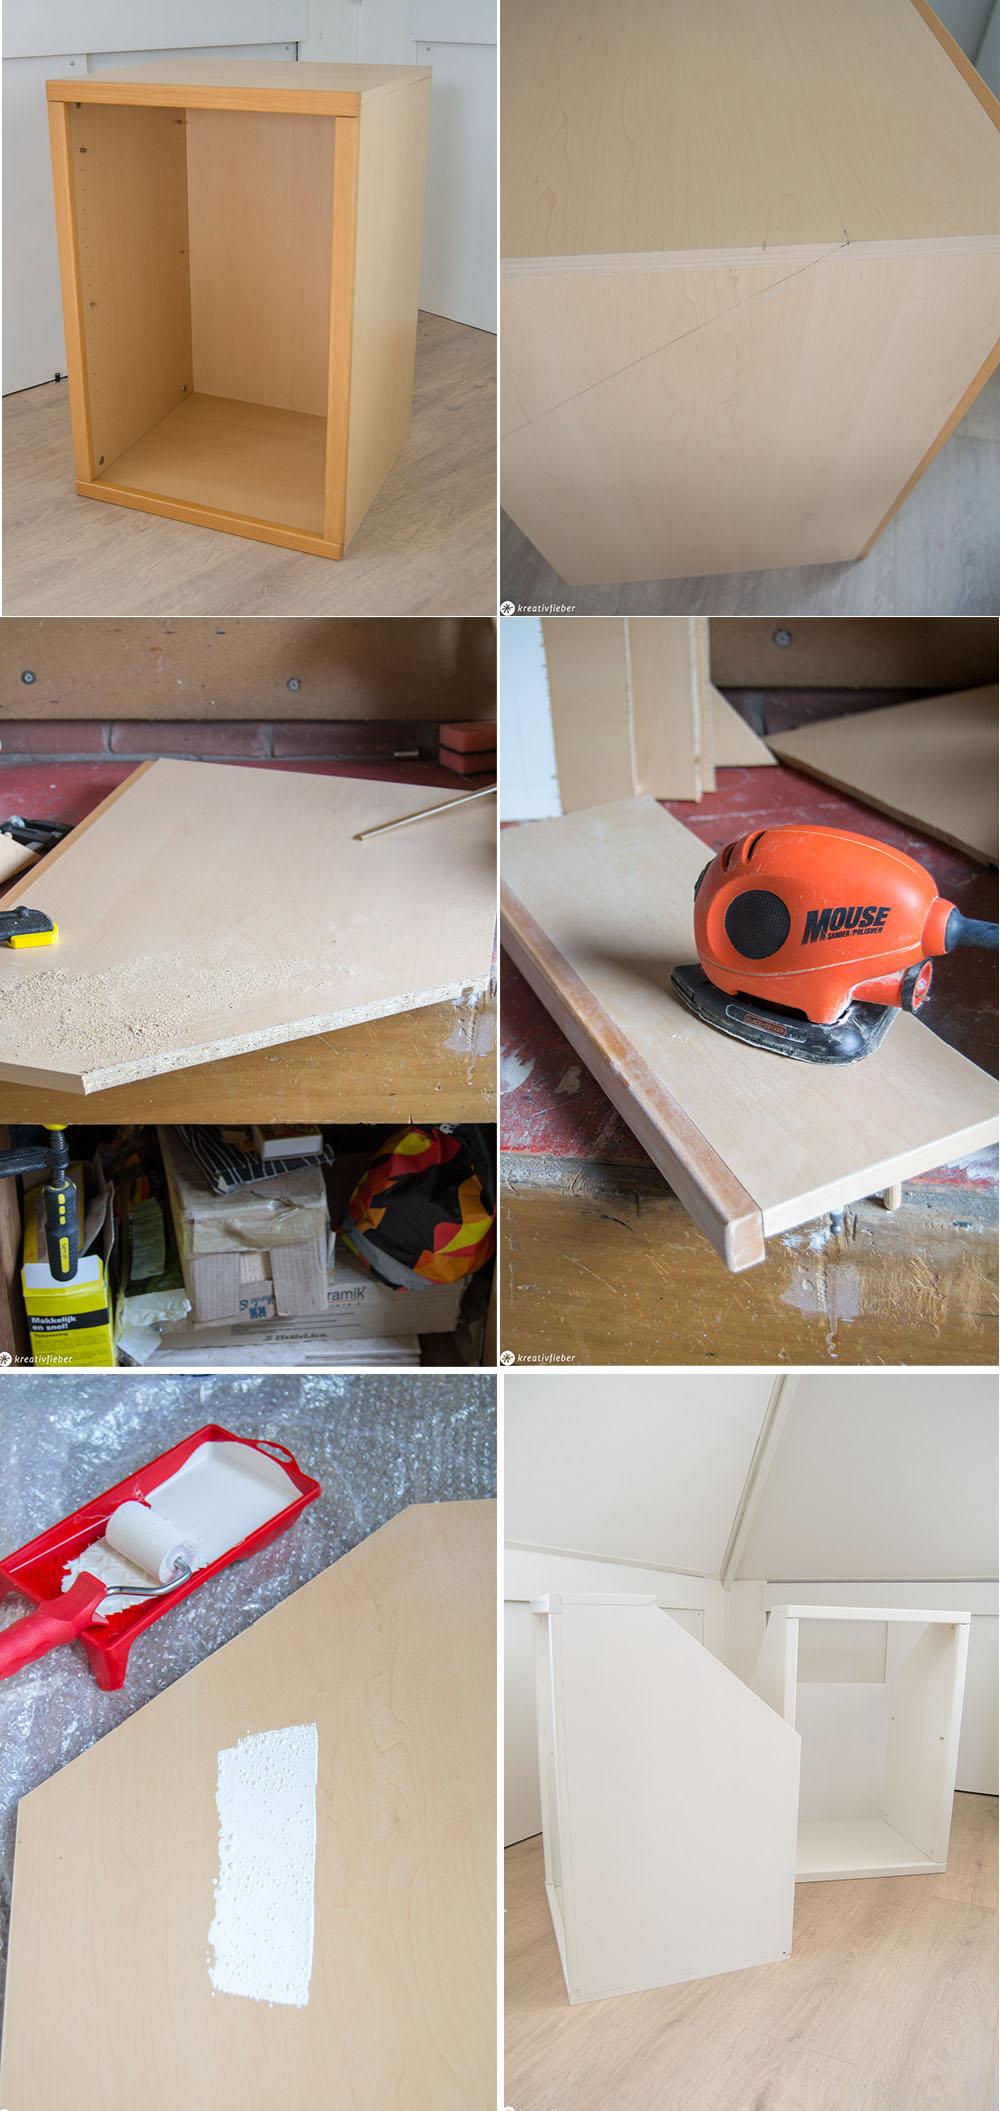 Diy Ganz Einfach Schränke Für Dachschrägen Bauen